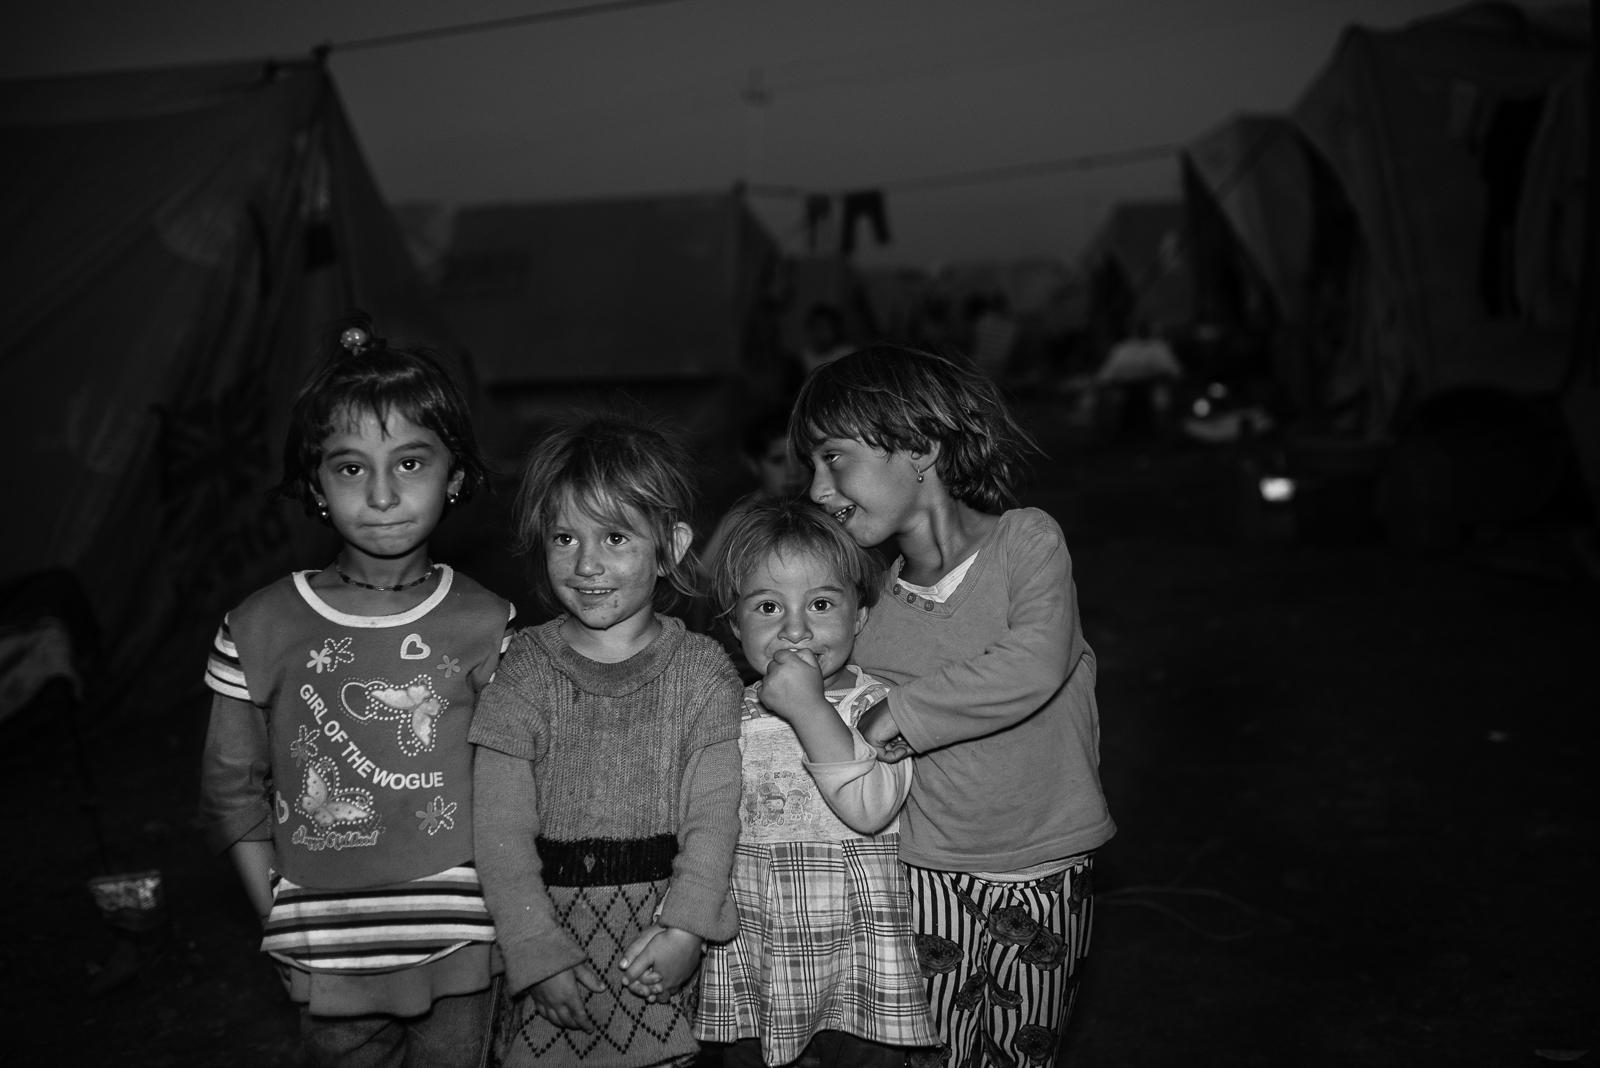 Little friends in Zakho's camp